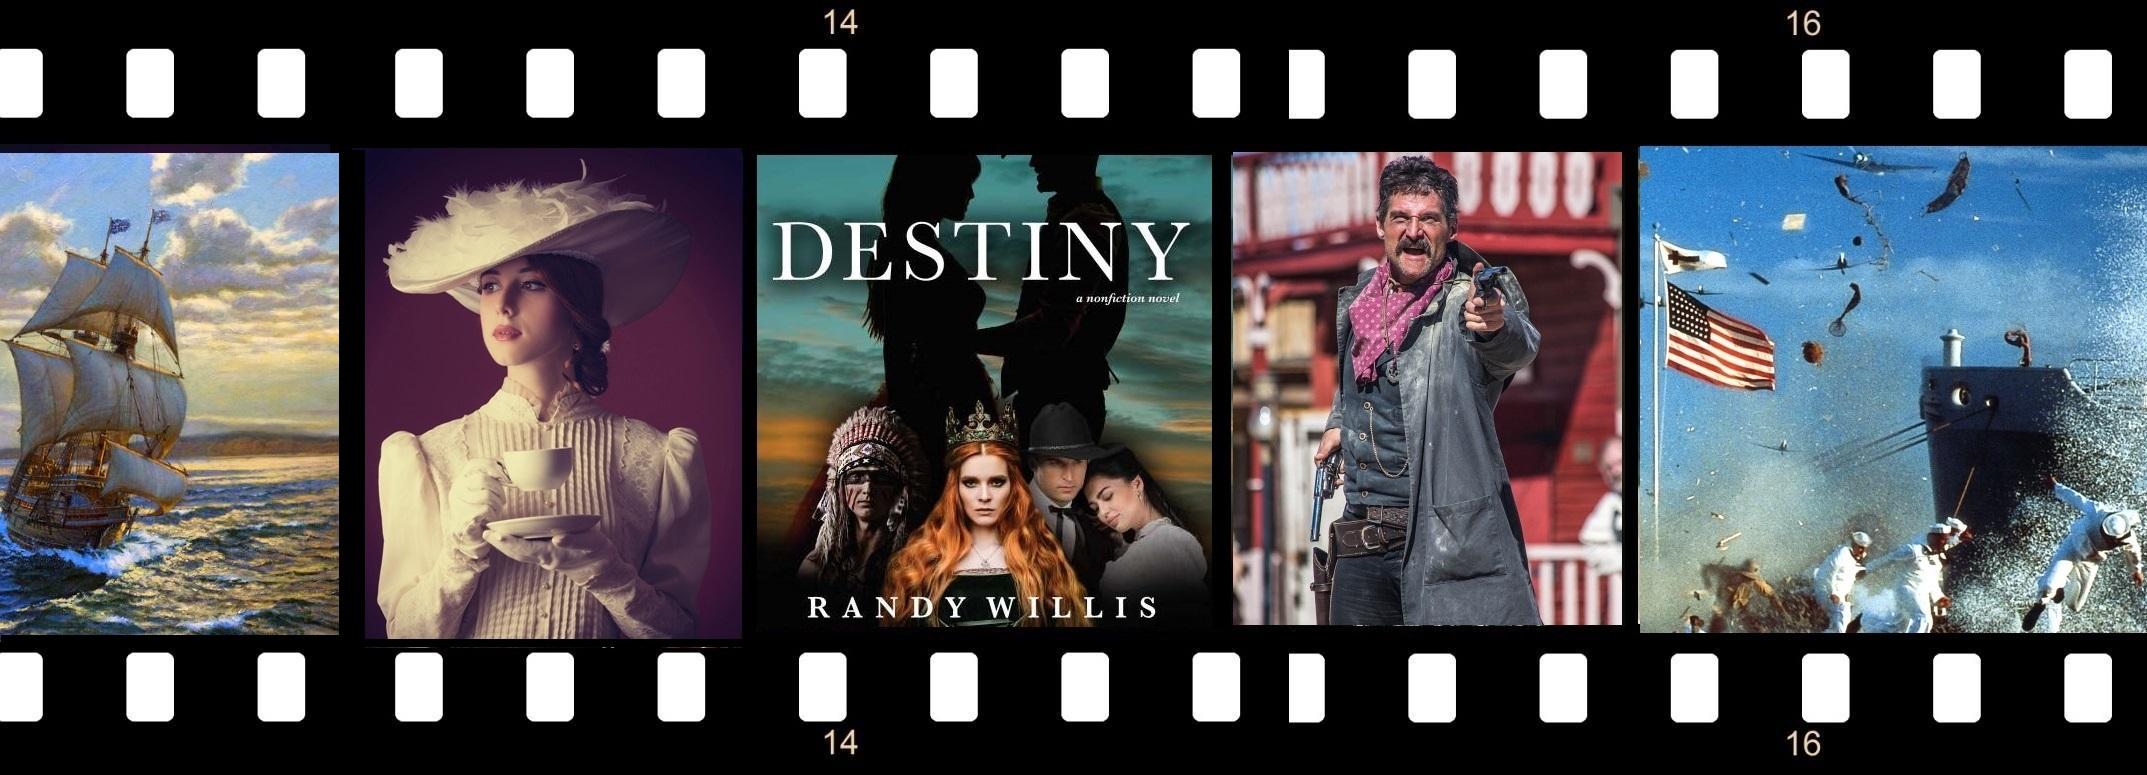 Destiny the movie